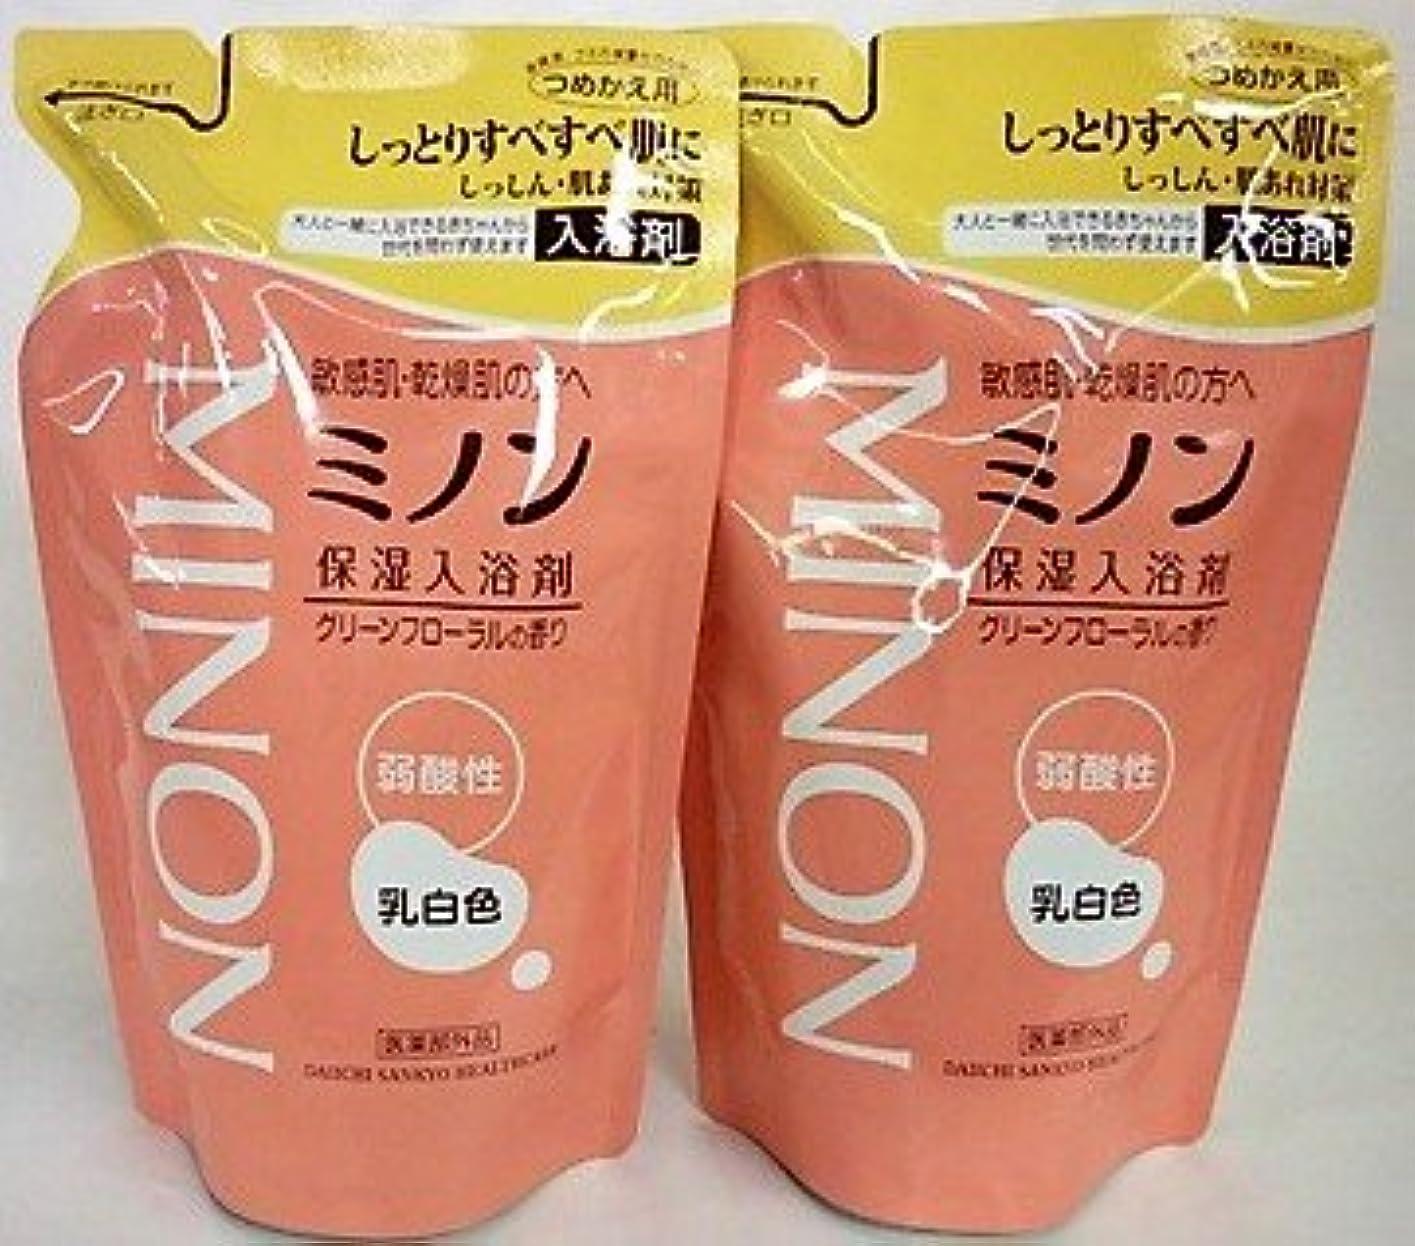 有彩色の論文ユーモラス[2個セット]ミノン 薬用保湿入浴剤 詰替 400mL入り×2個